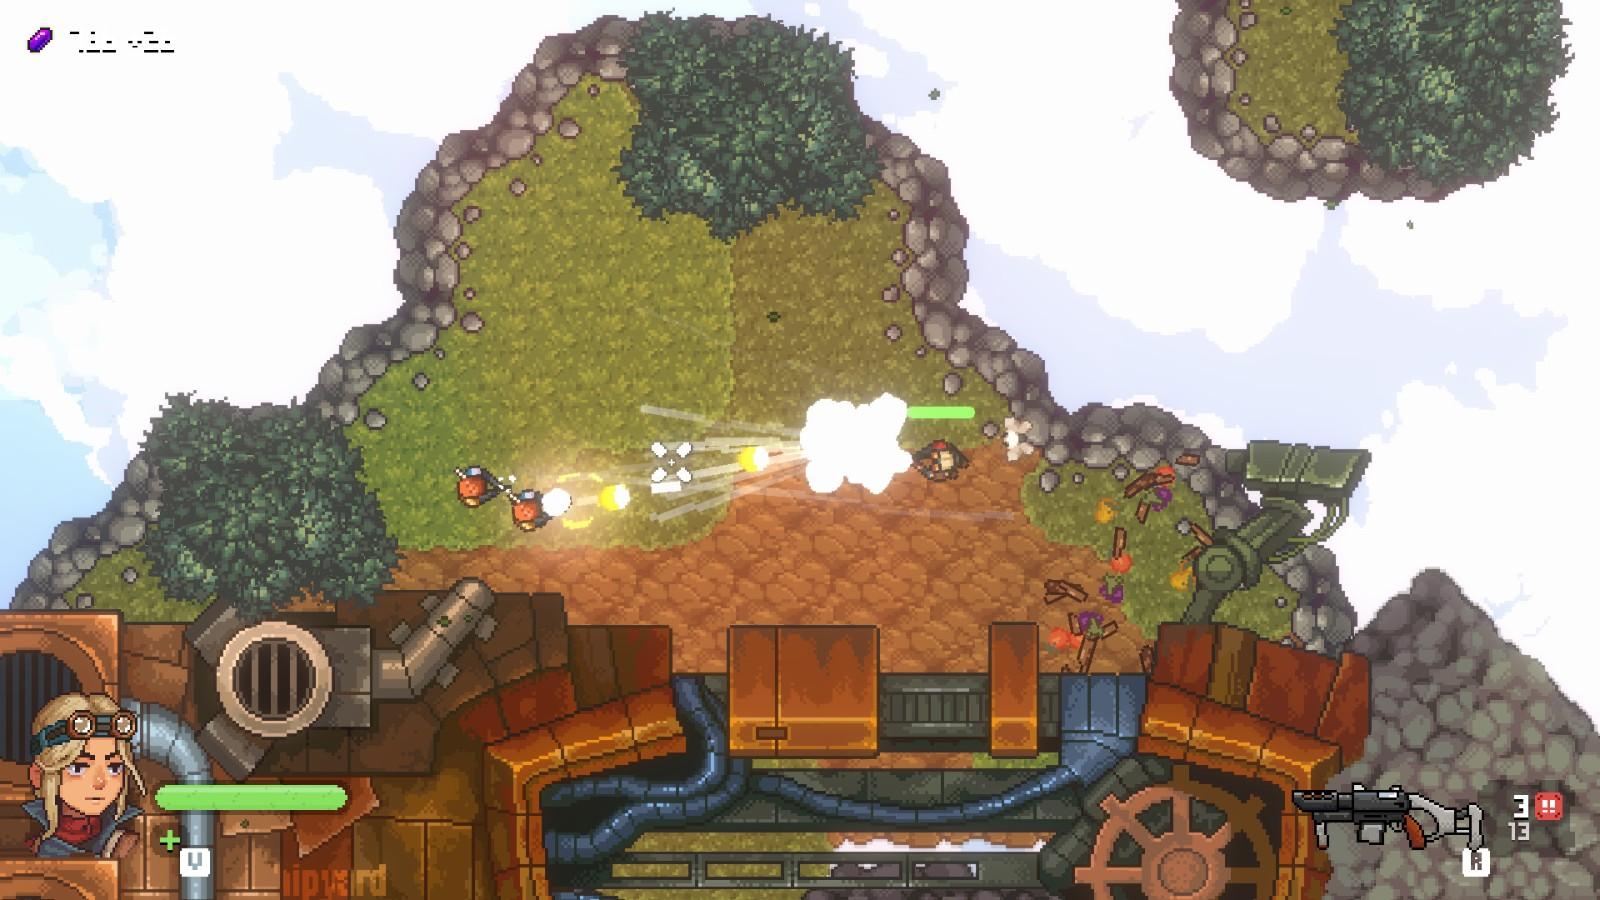 像素风开放世界新作《Black Skylands》上架Steam 支持中文和中文配音